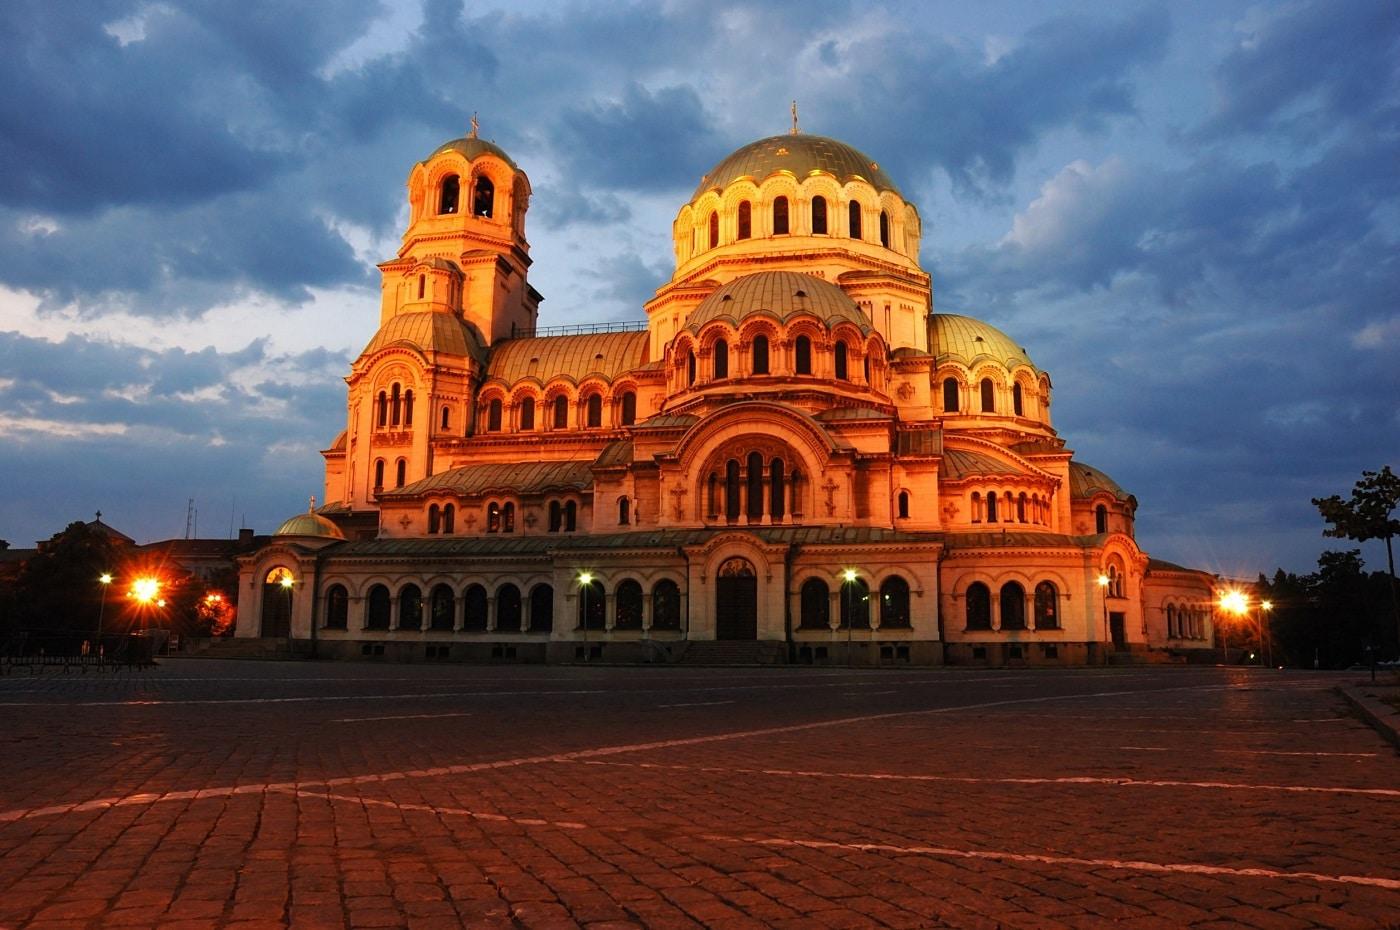 Catedrala este plăcut iluminată în timpul nopții